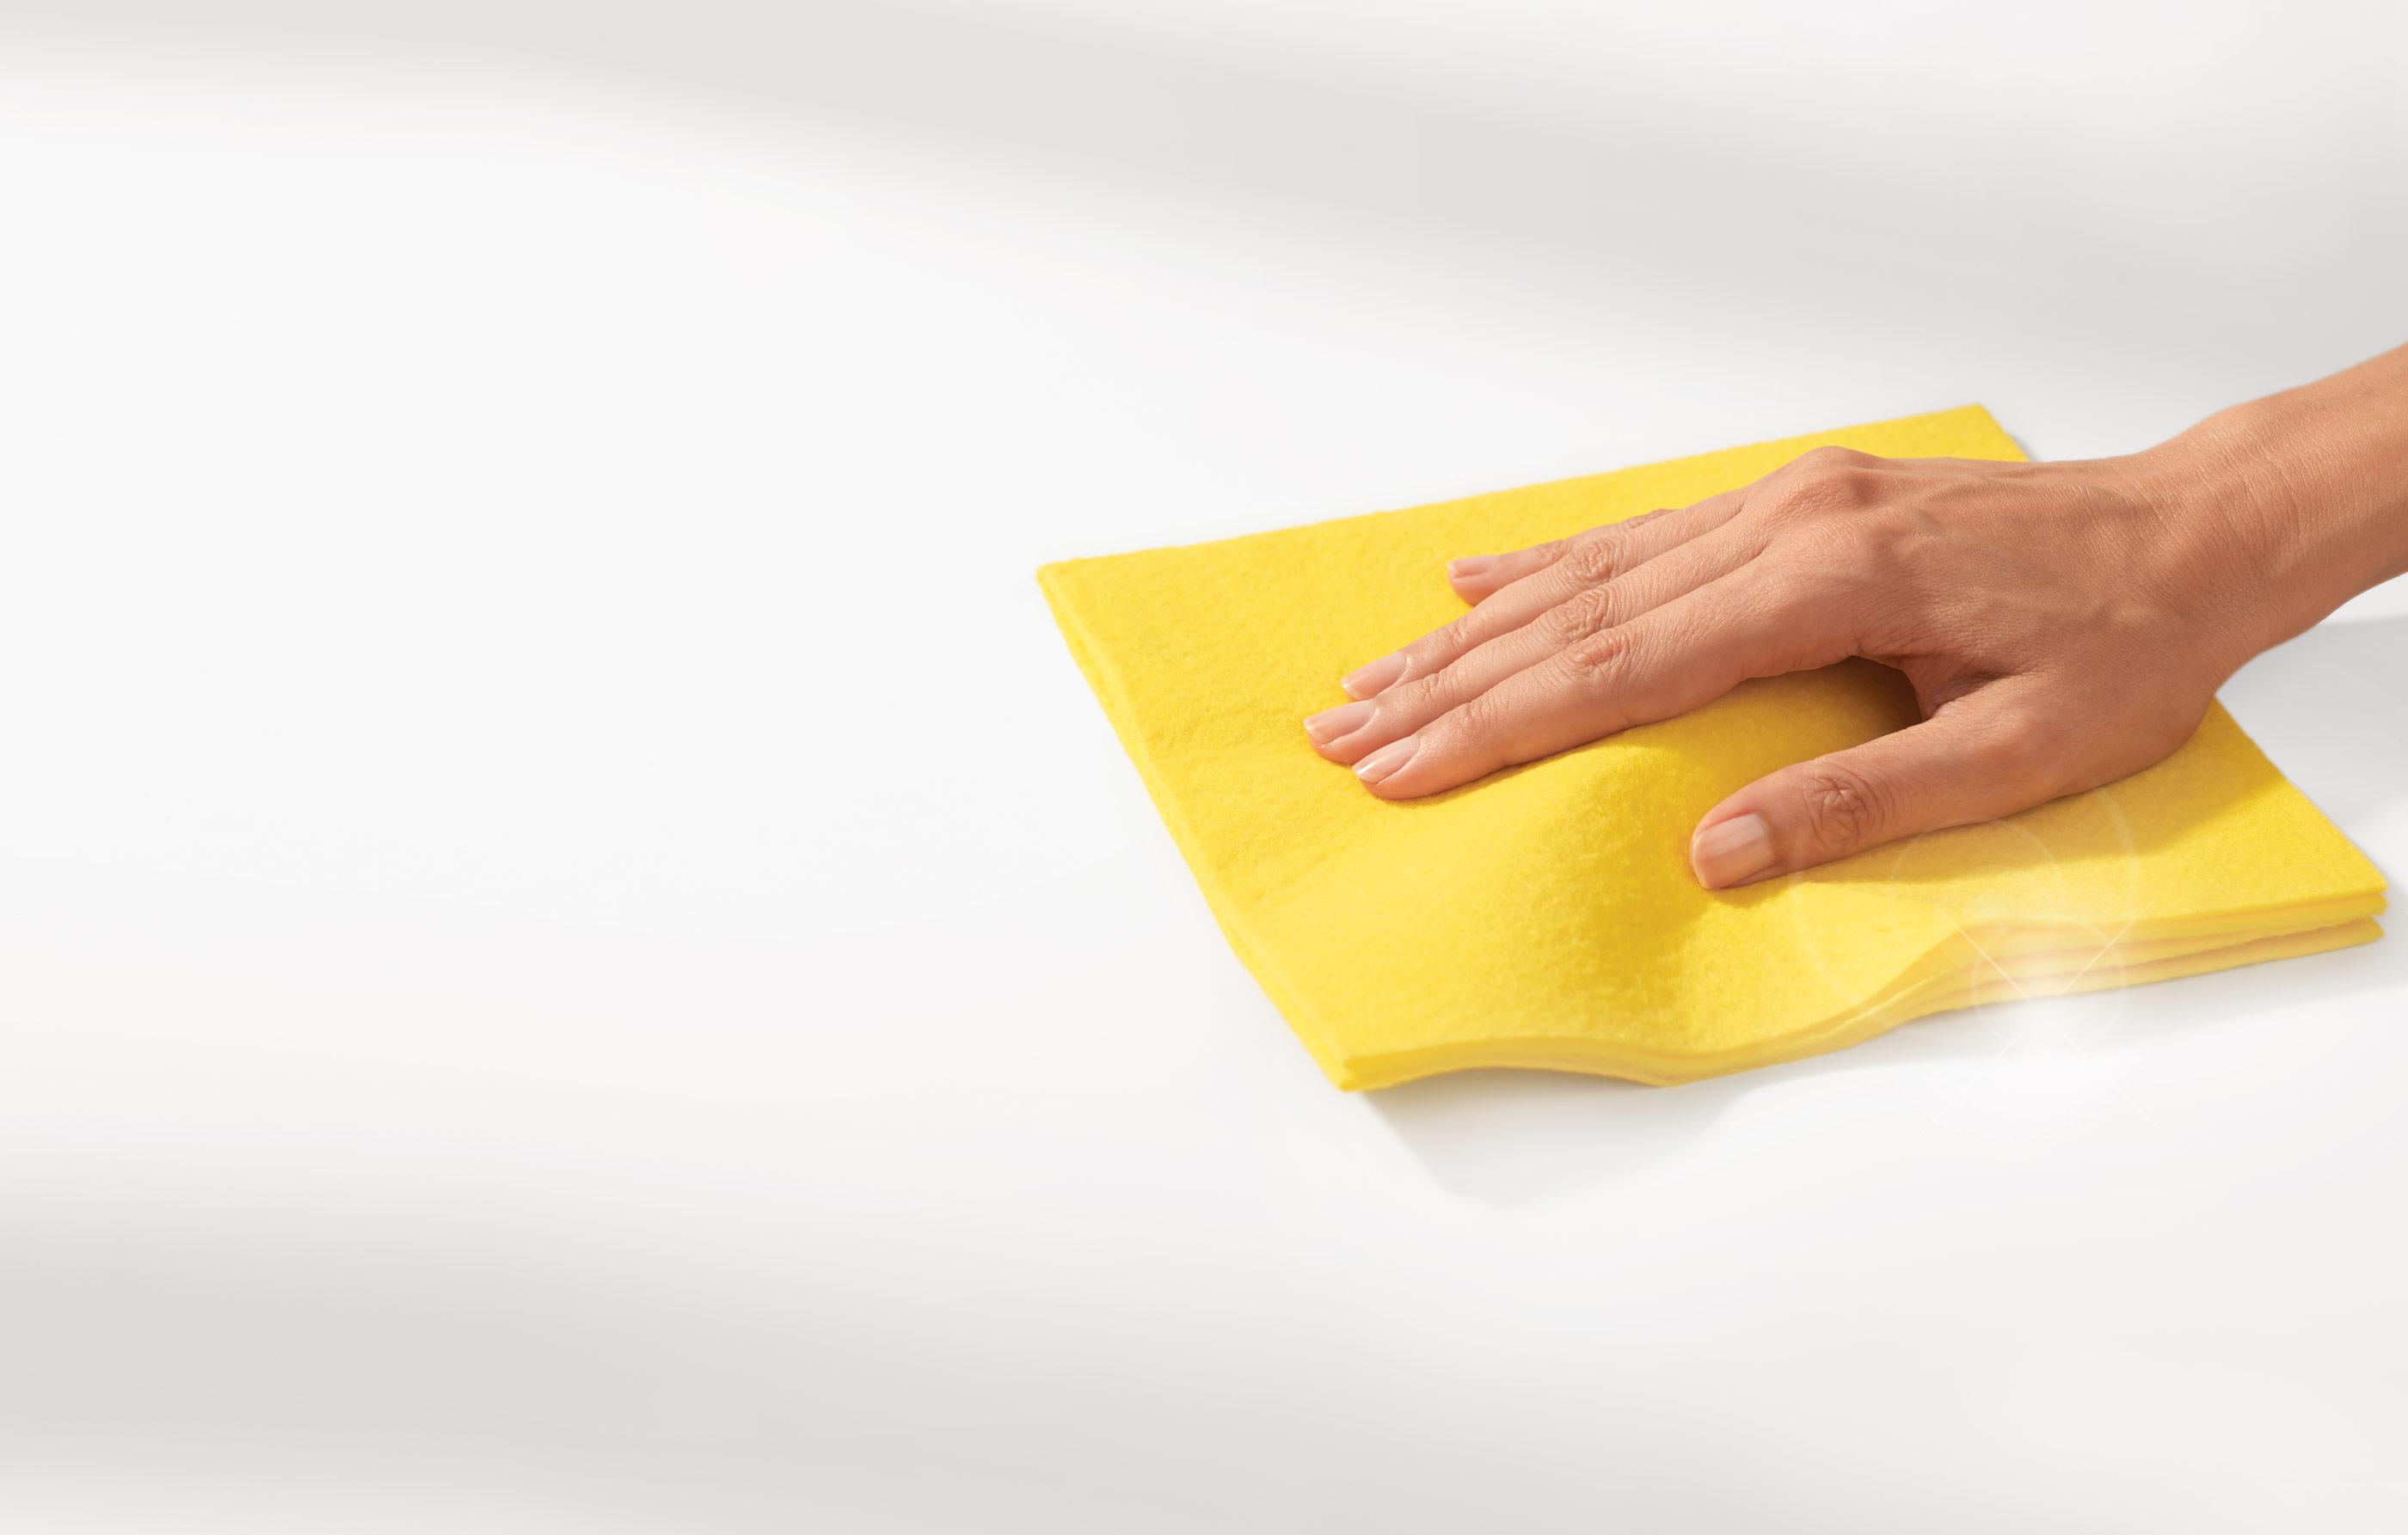 bayetas-land - Mery | Soluciones de limpieza | Bayetas | Mery.es